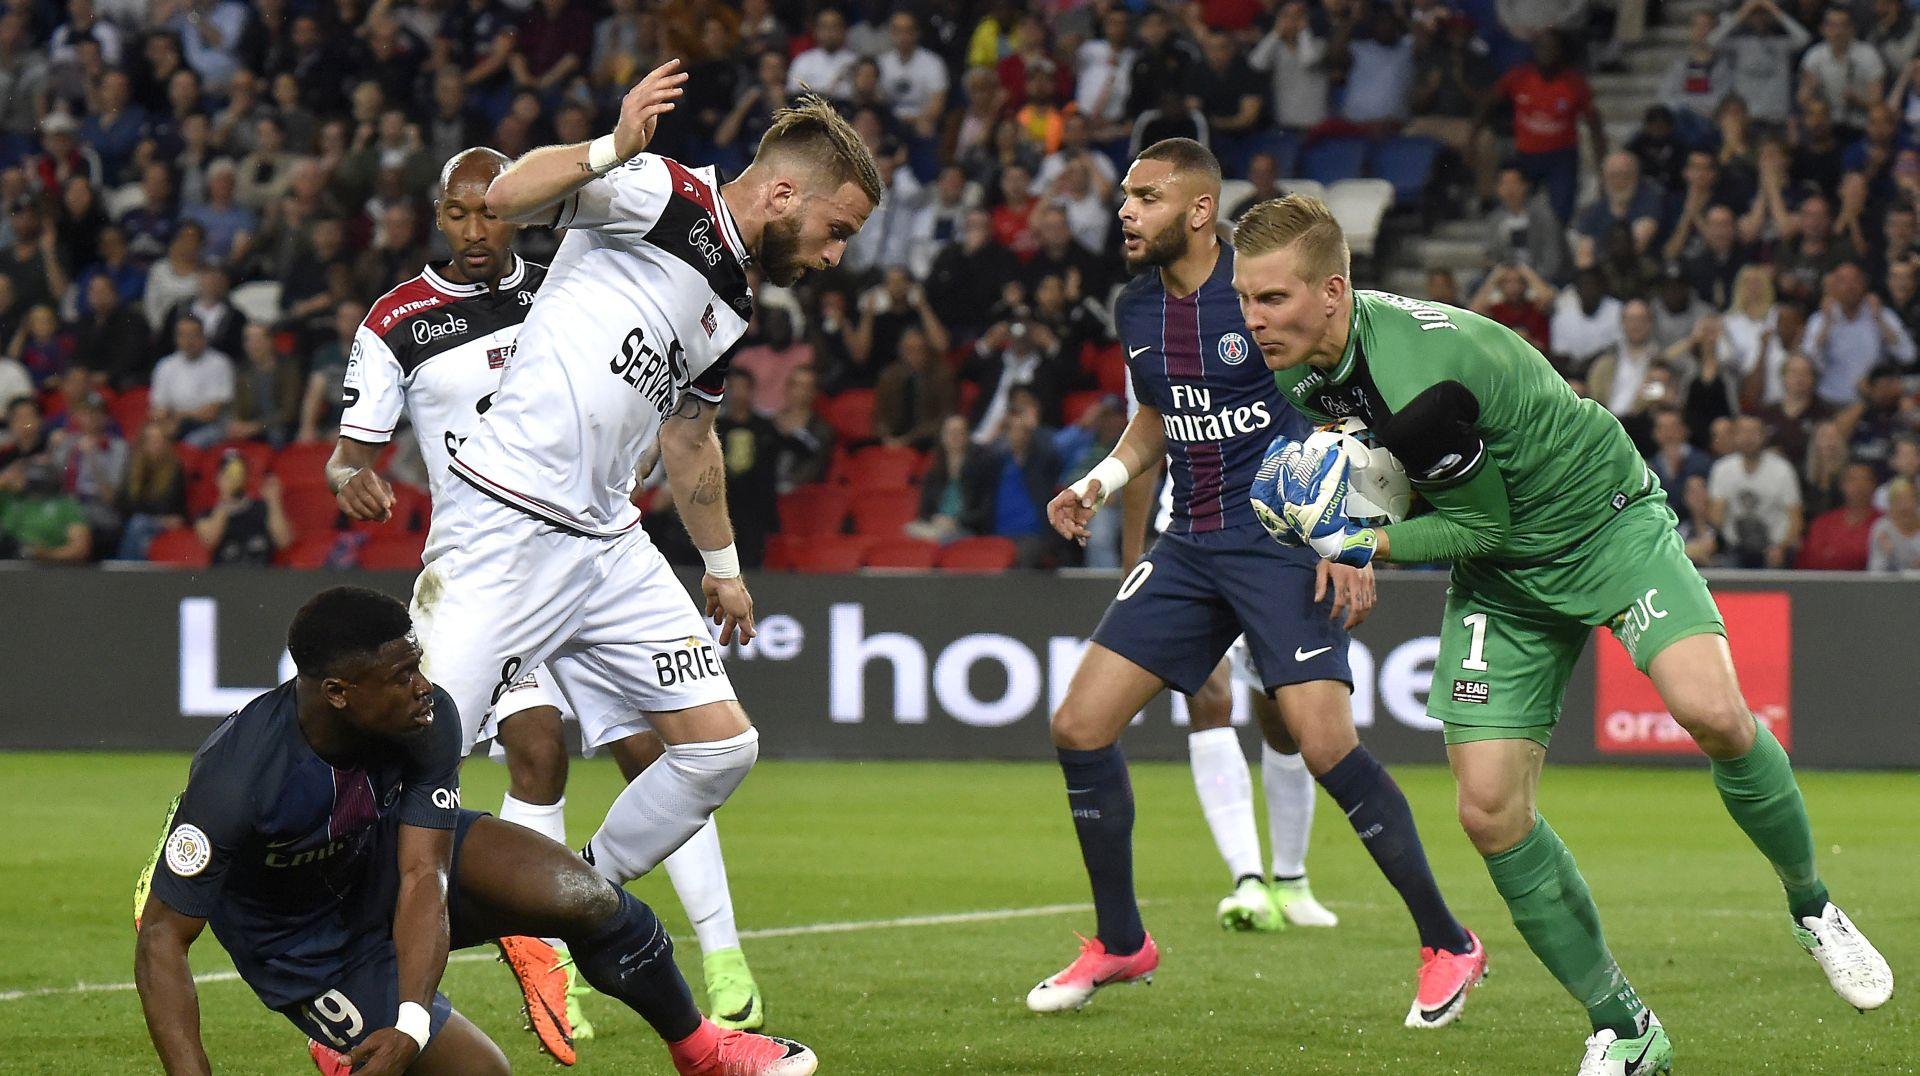 LIGUE 1 Dva gola Cavanija, PSG se vratio na drugo mjesto